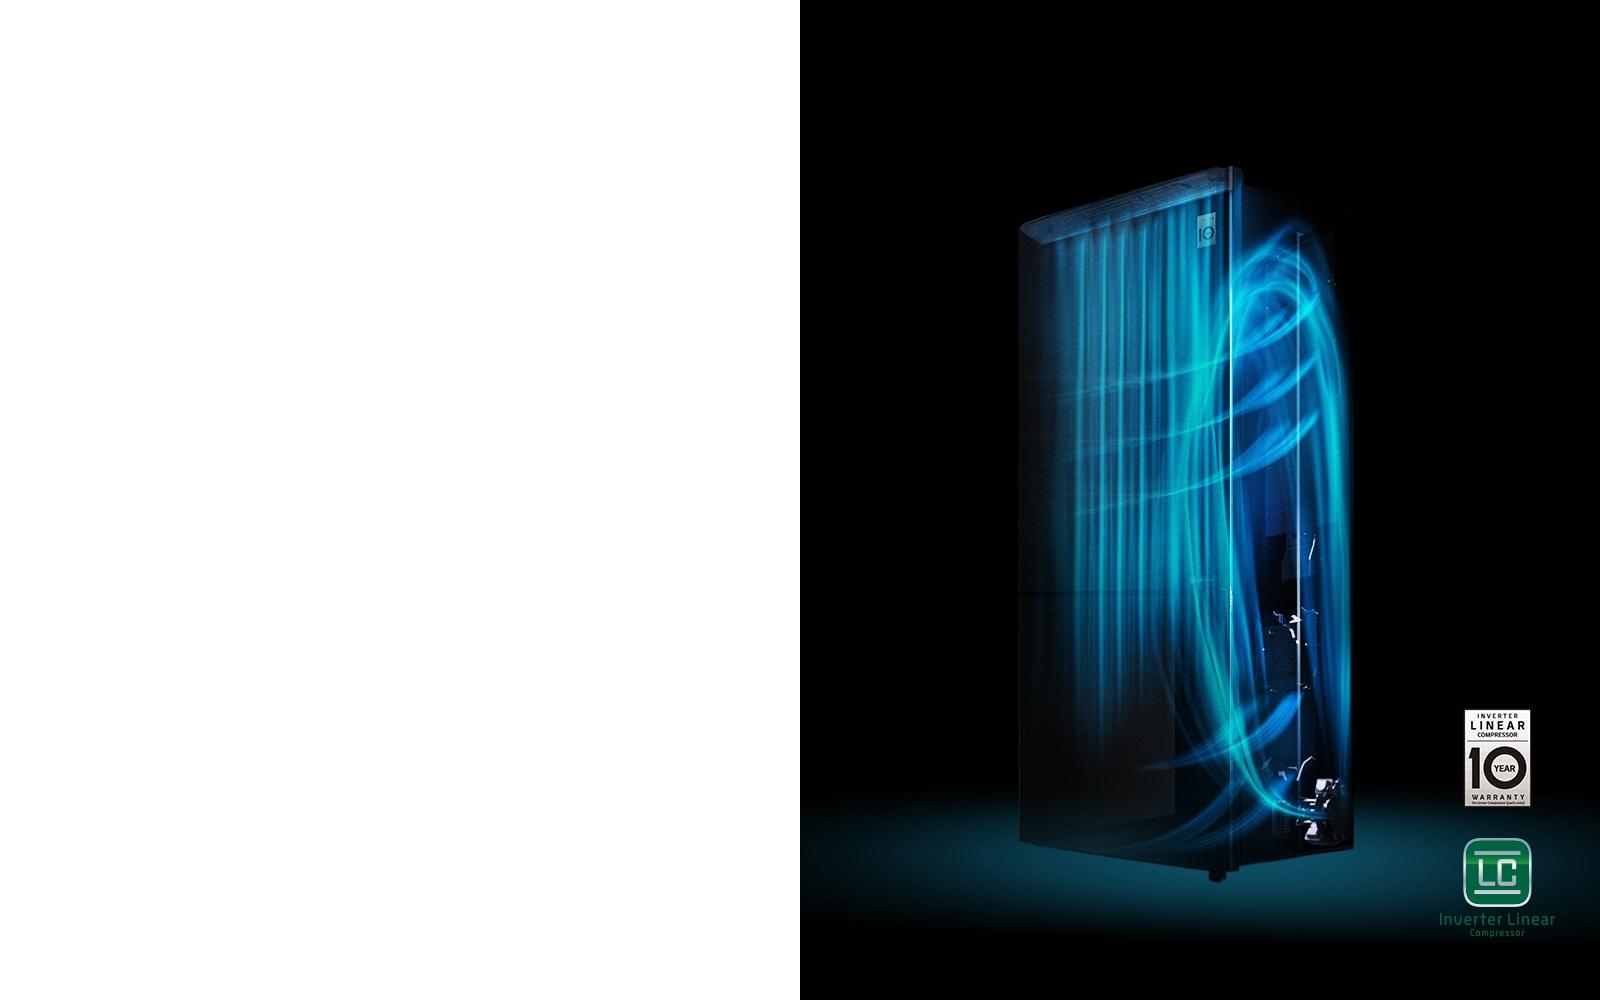 LG GN-H602HLHQ 516 Ltr Inverter Linear Compressor